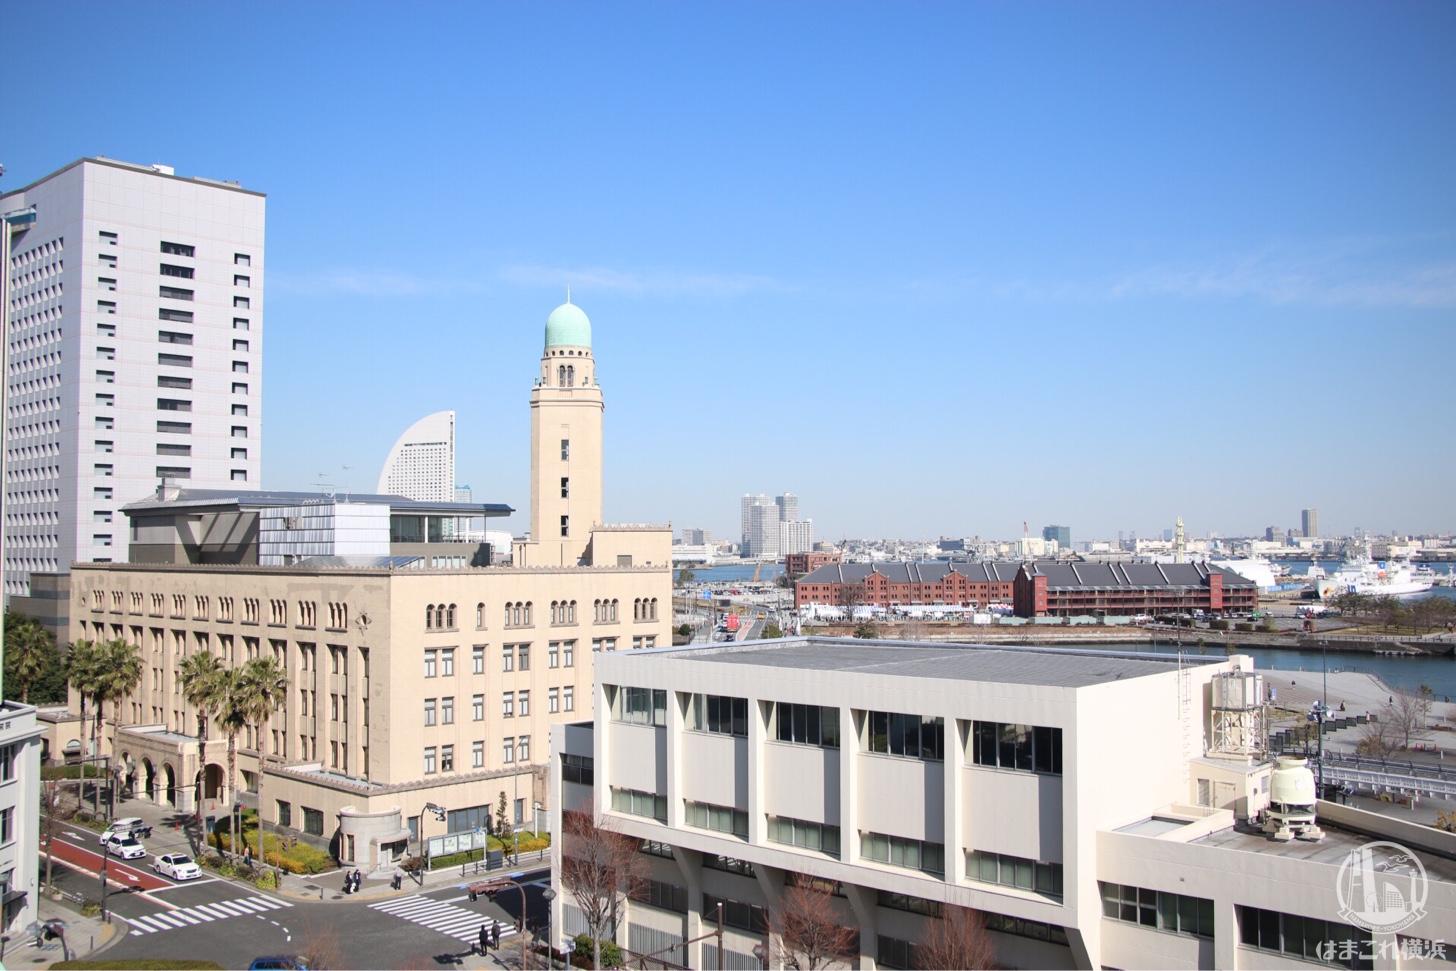 神奈川県庁 展望台が穴場無料フォトスポット!キングの塔から見るクイーンとジャック